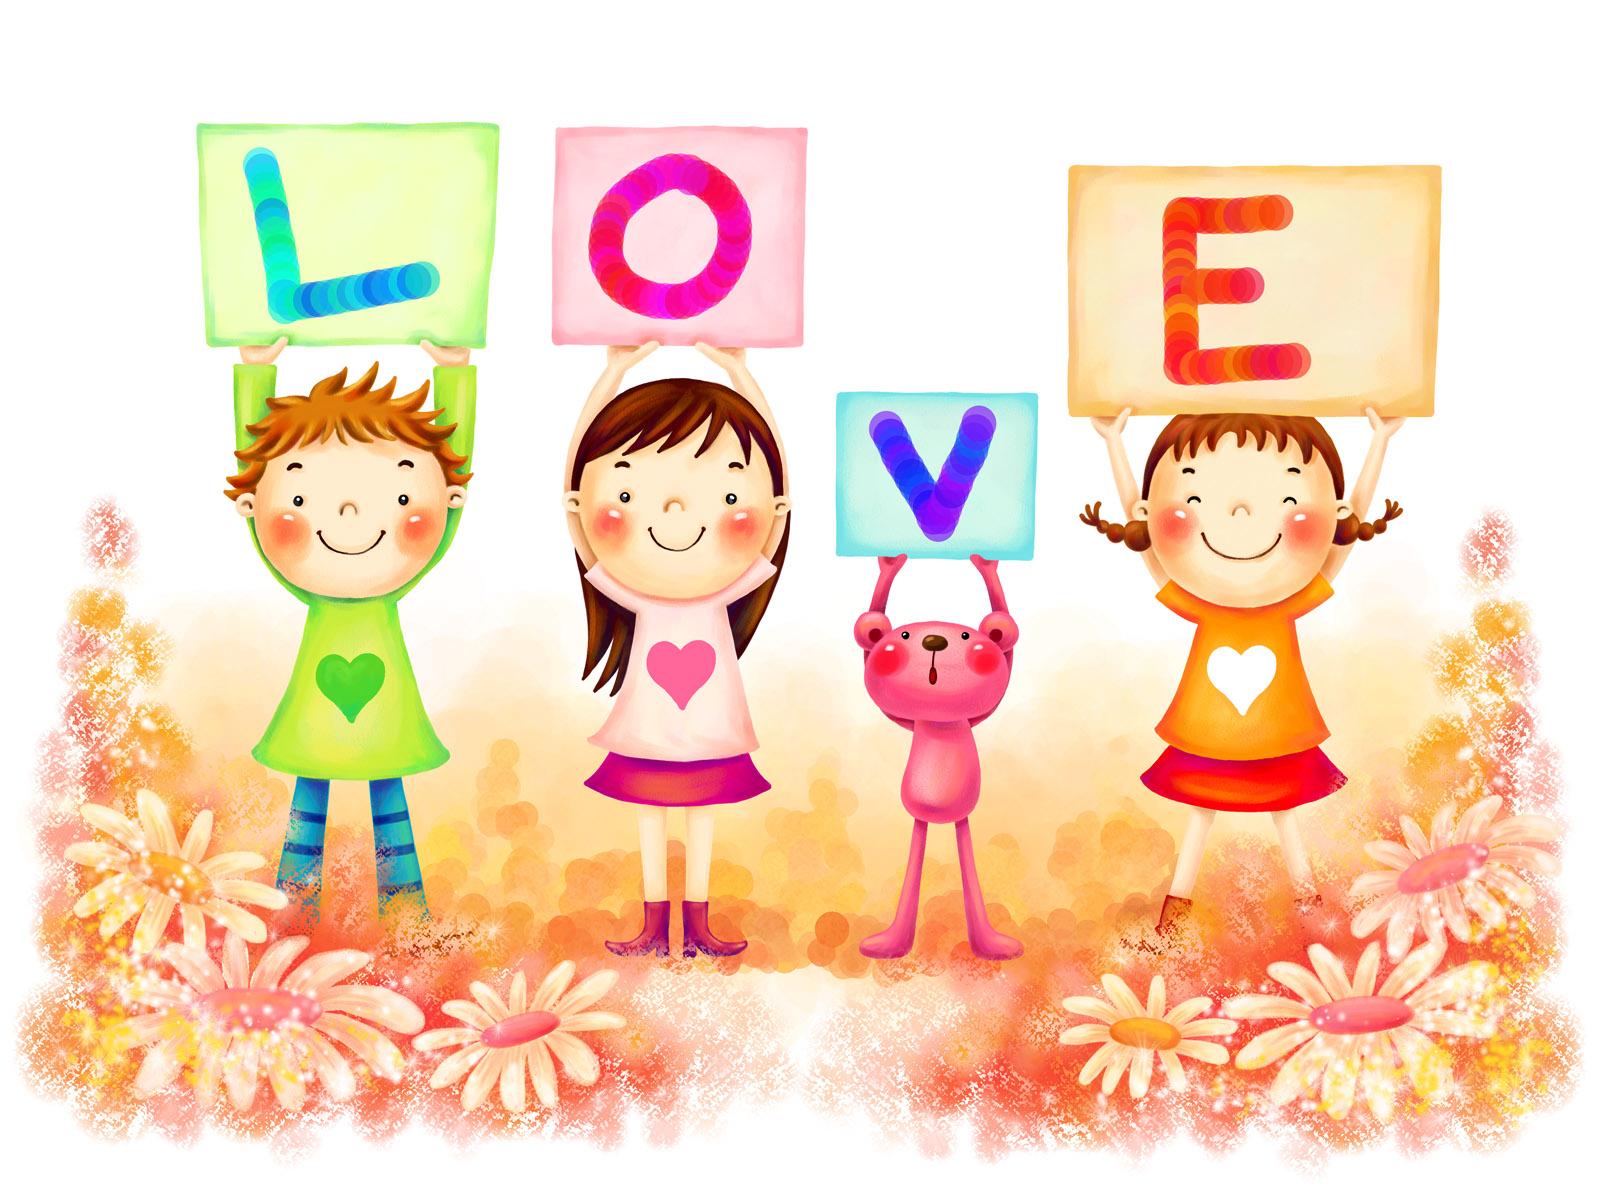 Imagenes De Amor Infantiles - Imágenes para niños 365 Imágenes bonitas